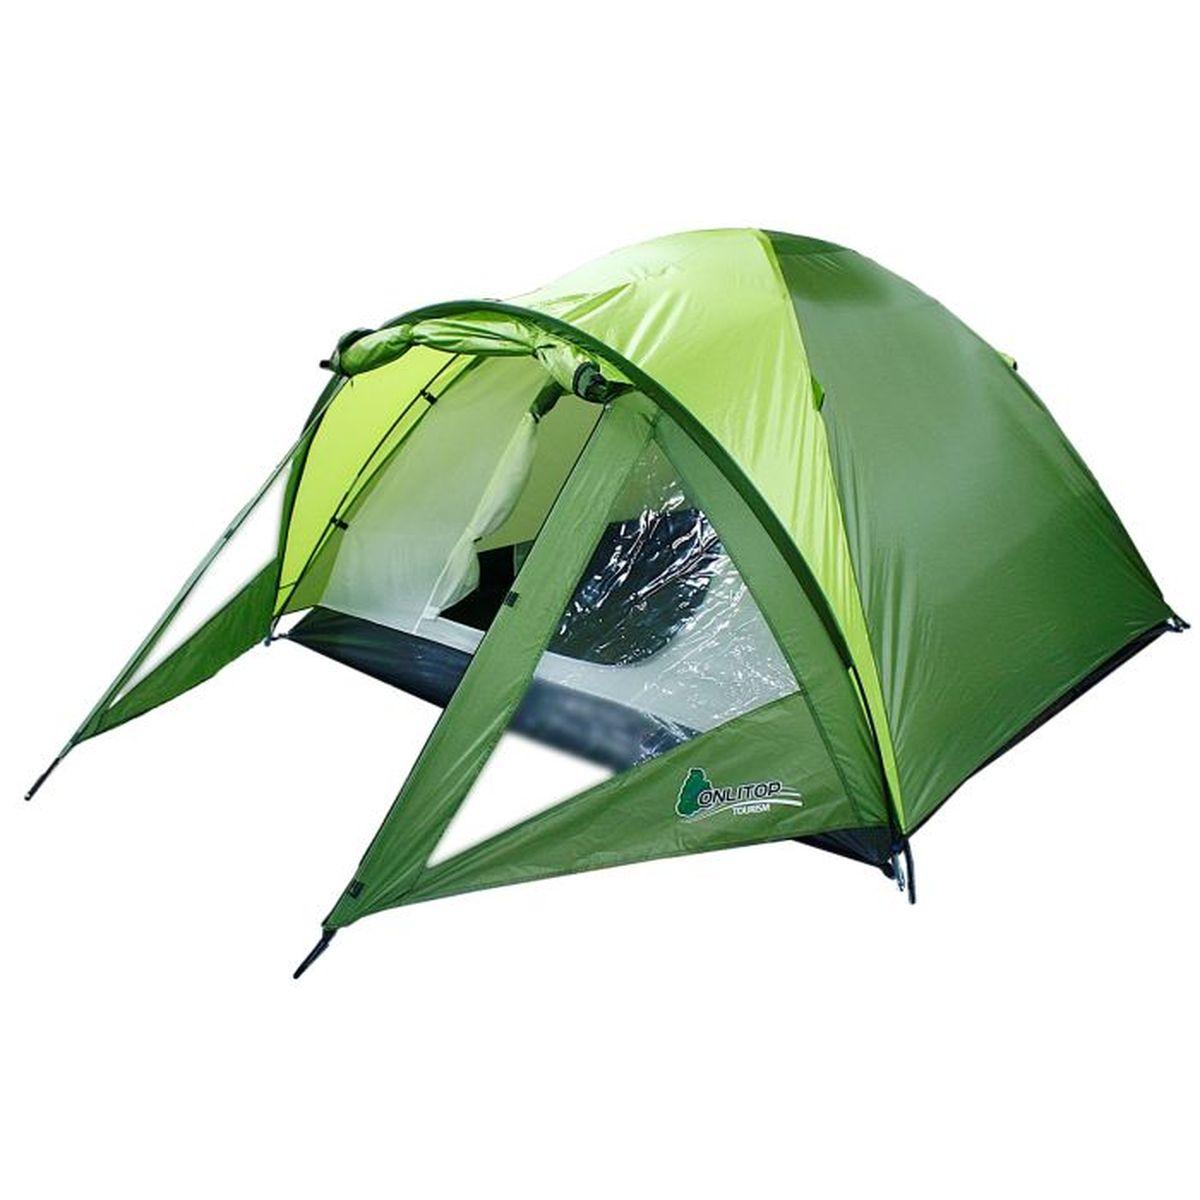 Палатка туристическая Onlitop JOVIN 2, цвет: зеленый